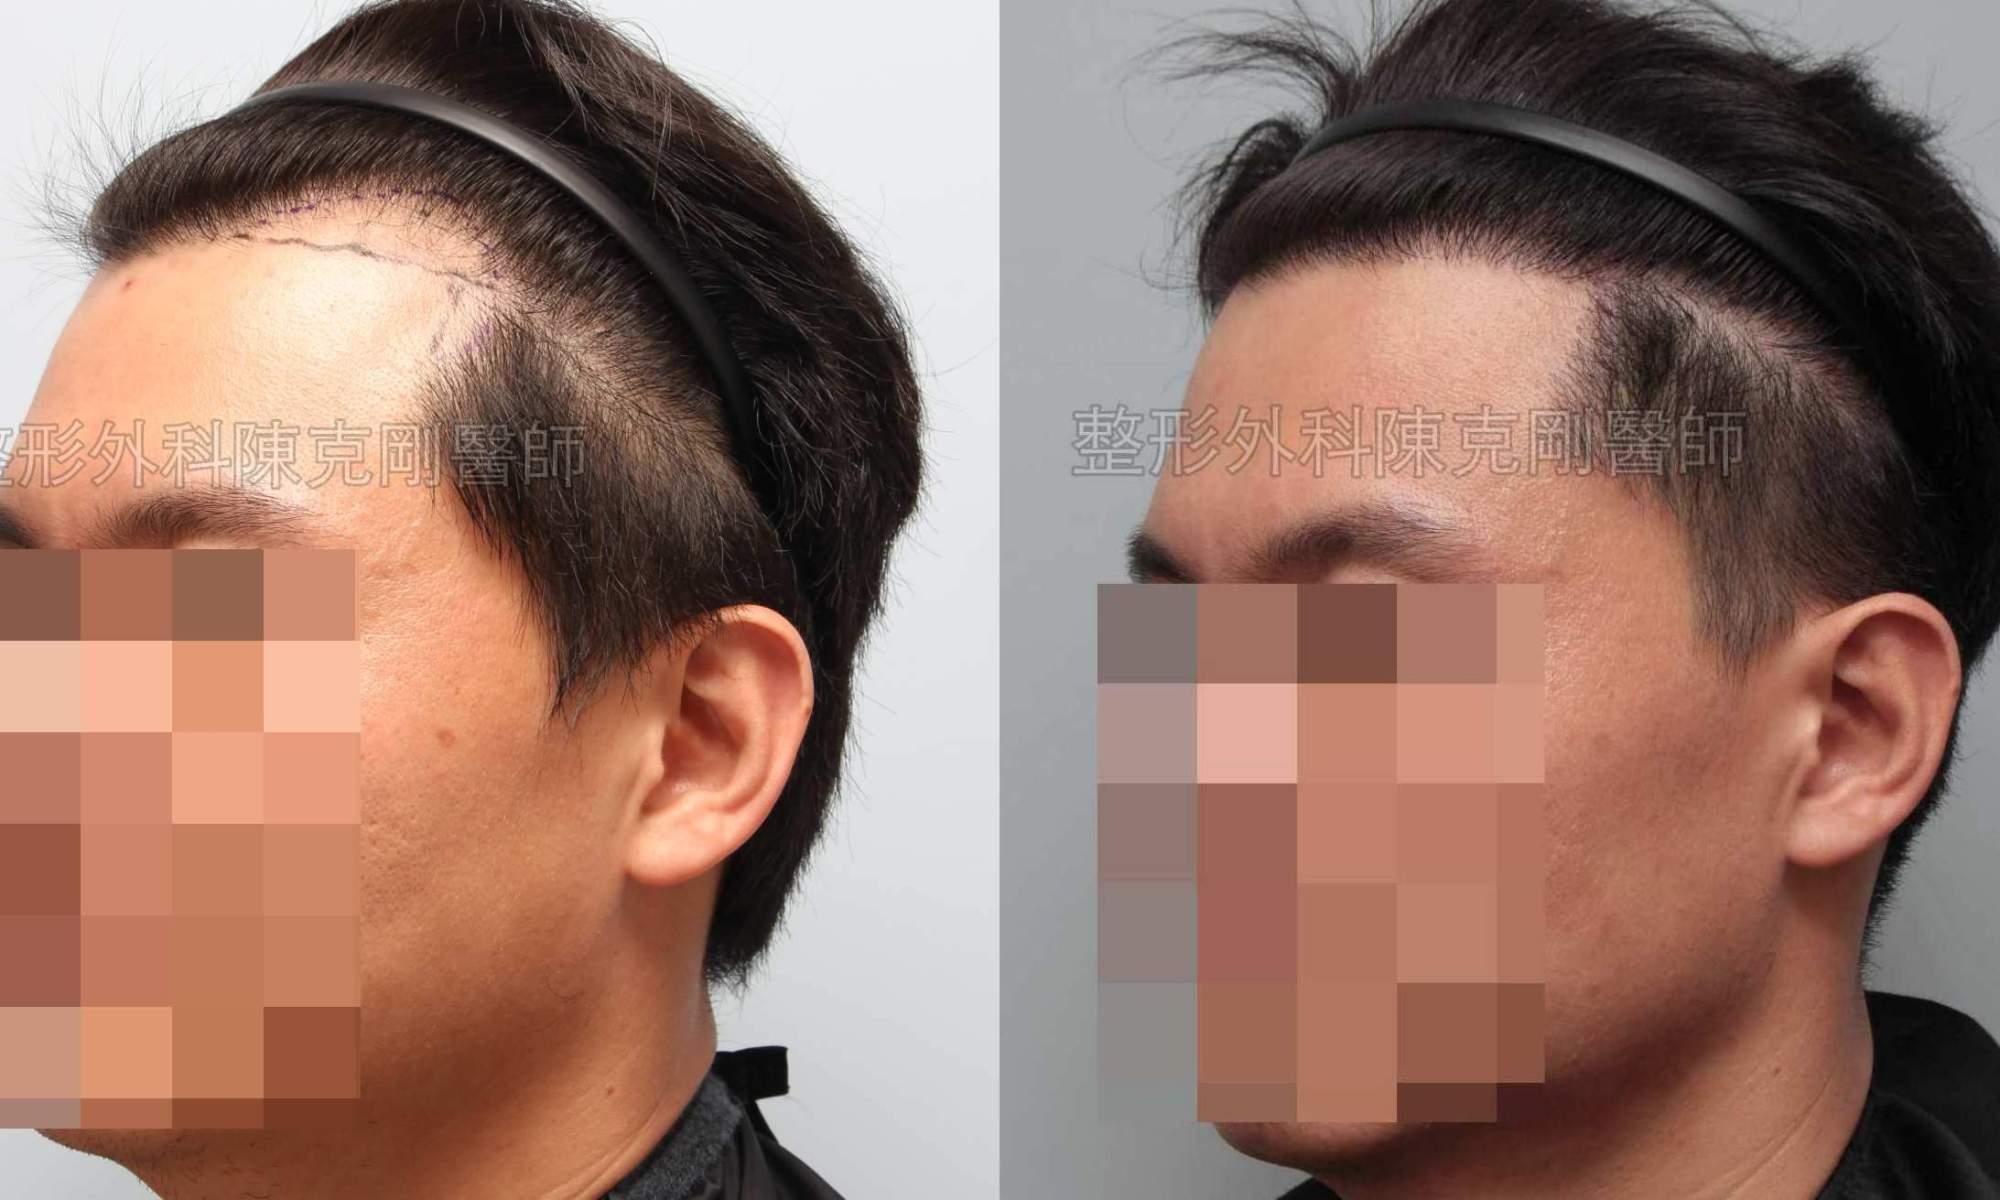 男性髮線植髮左側比較